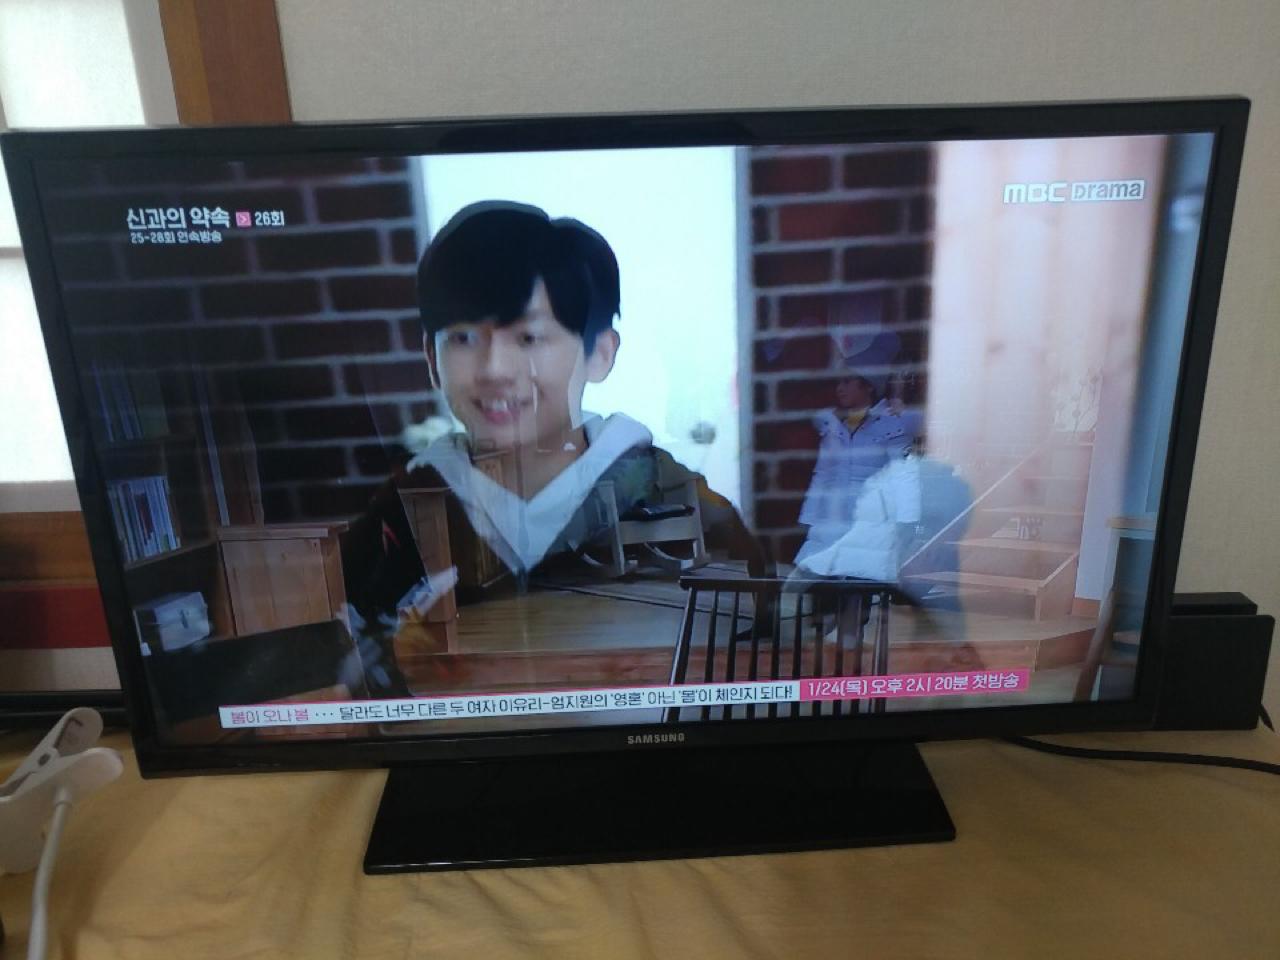 삼성TV 32인치 판매합니다